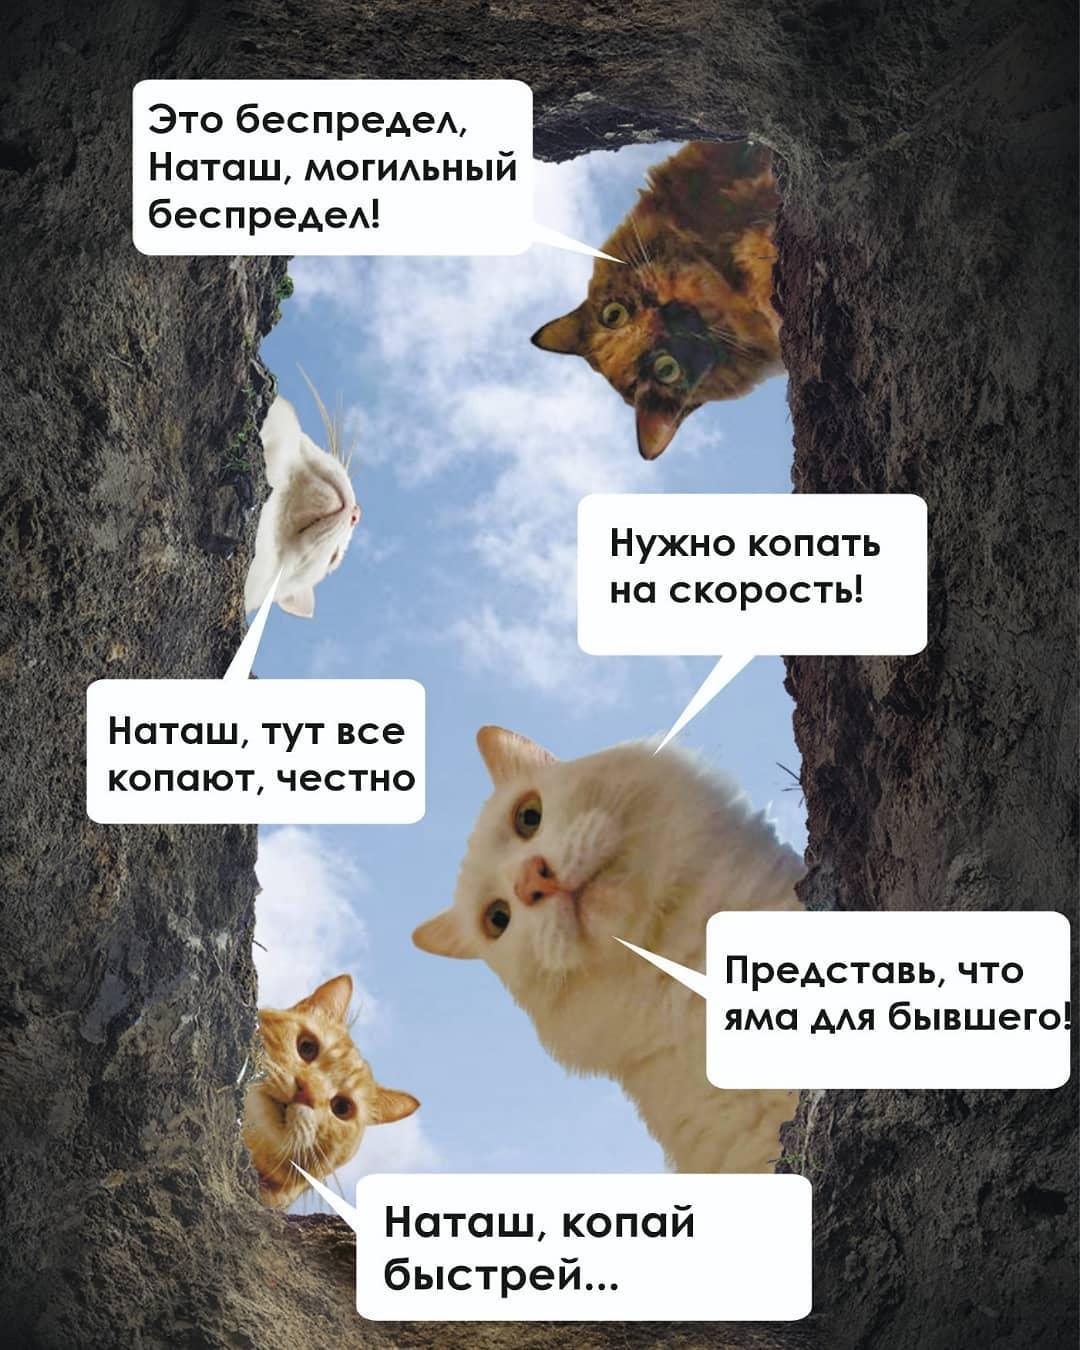 фото «Яма для бывшего»: новосибирцы будут копать могилы на скорость в Омске 2